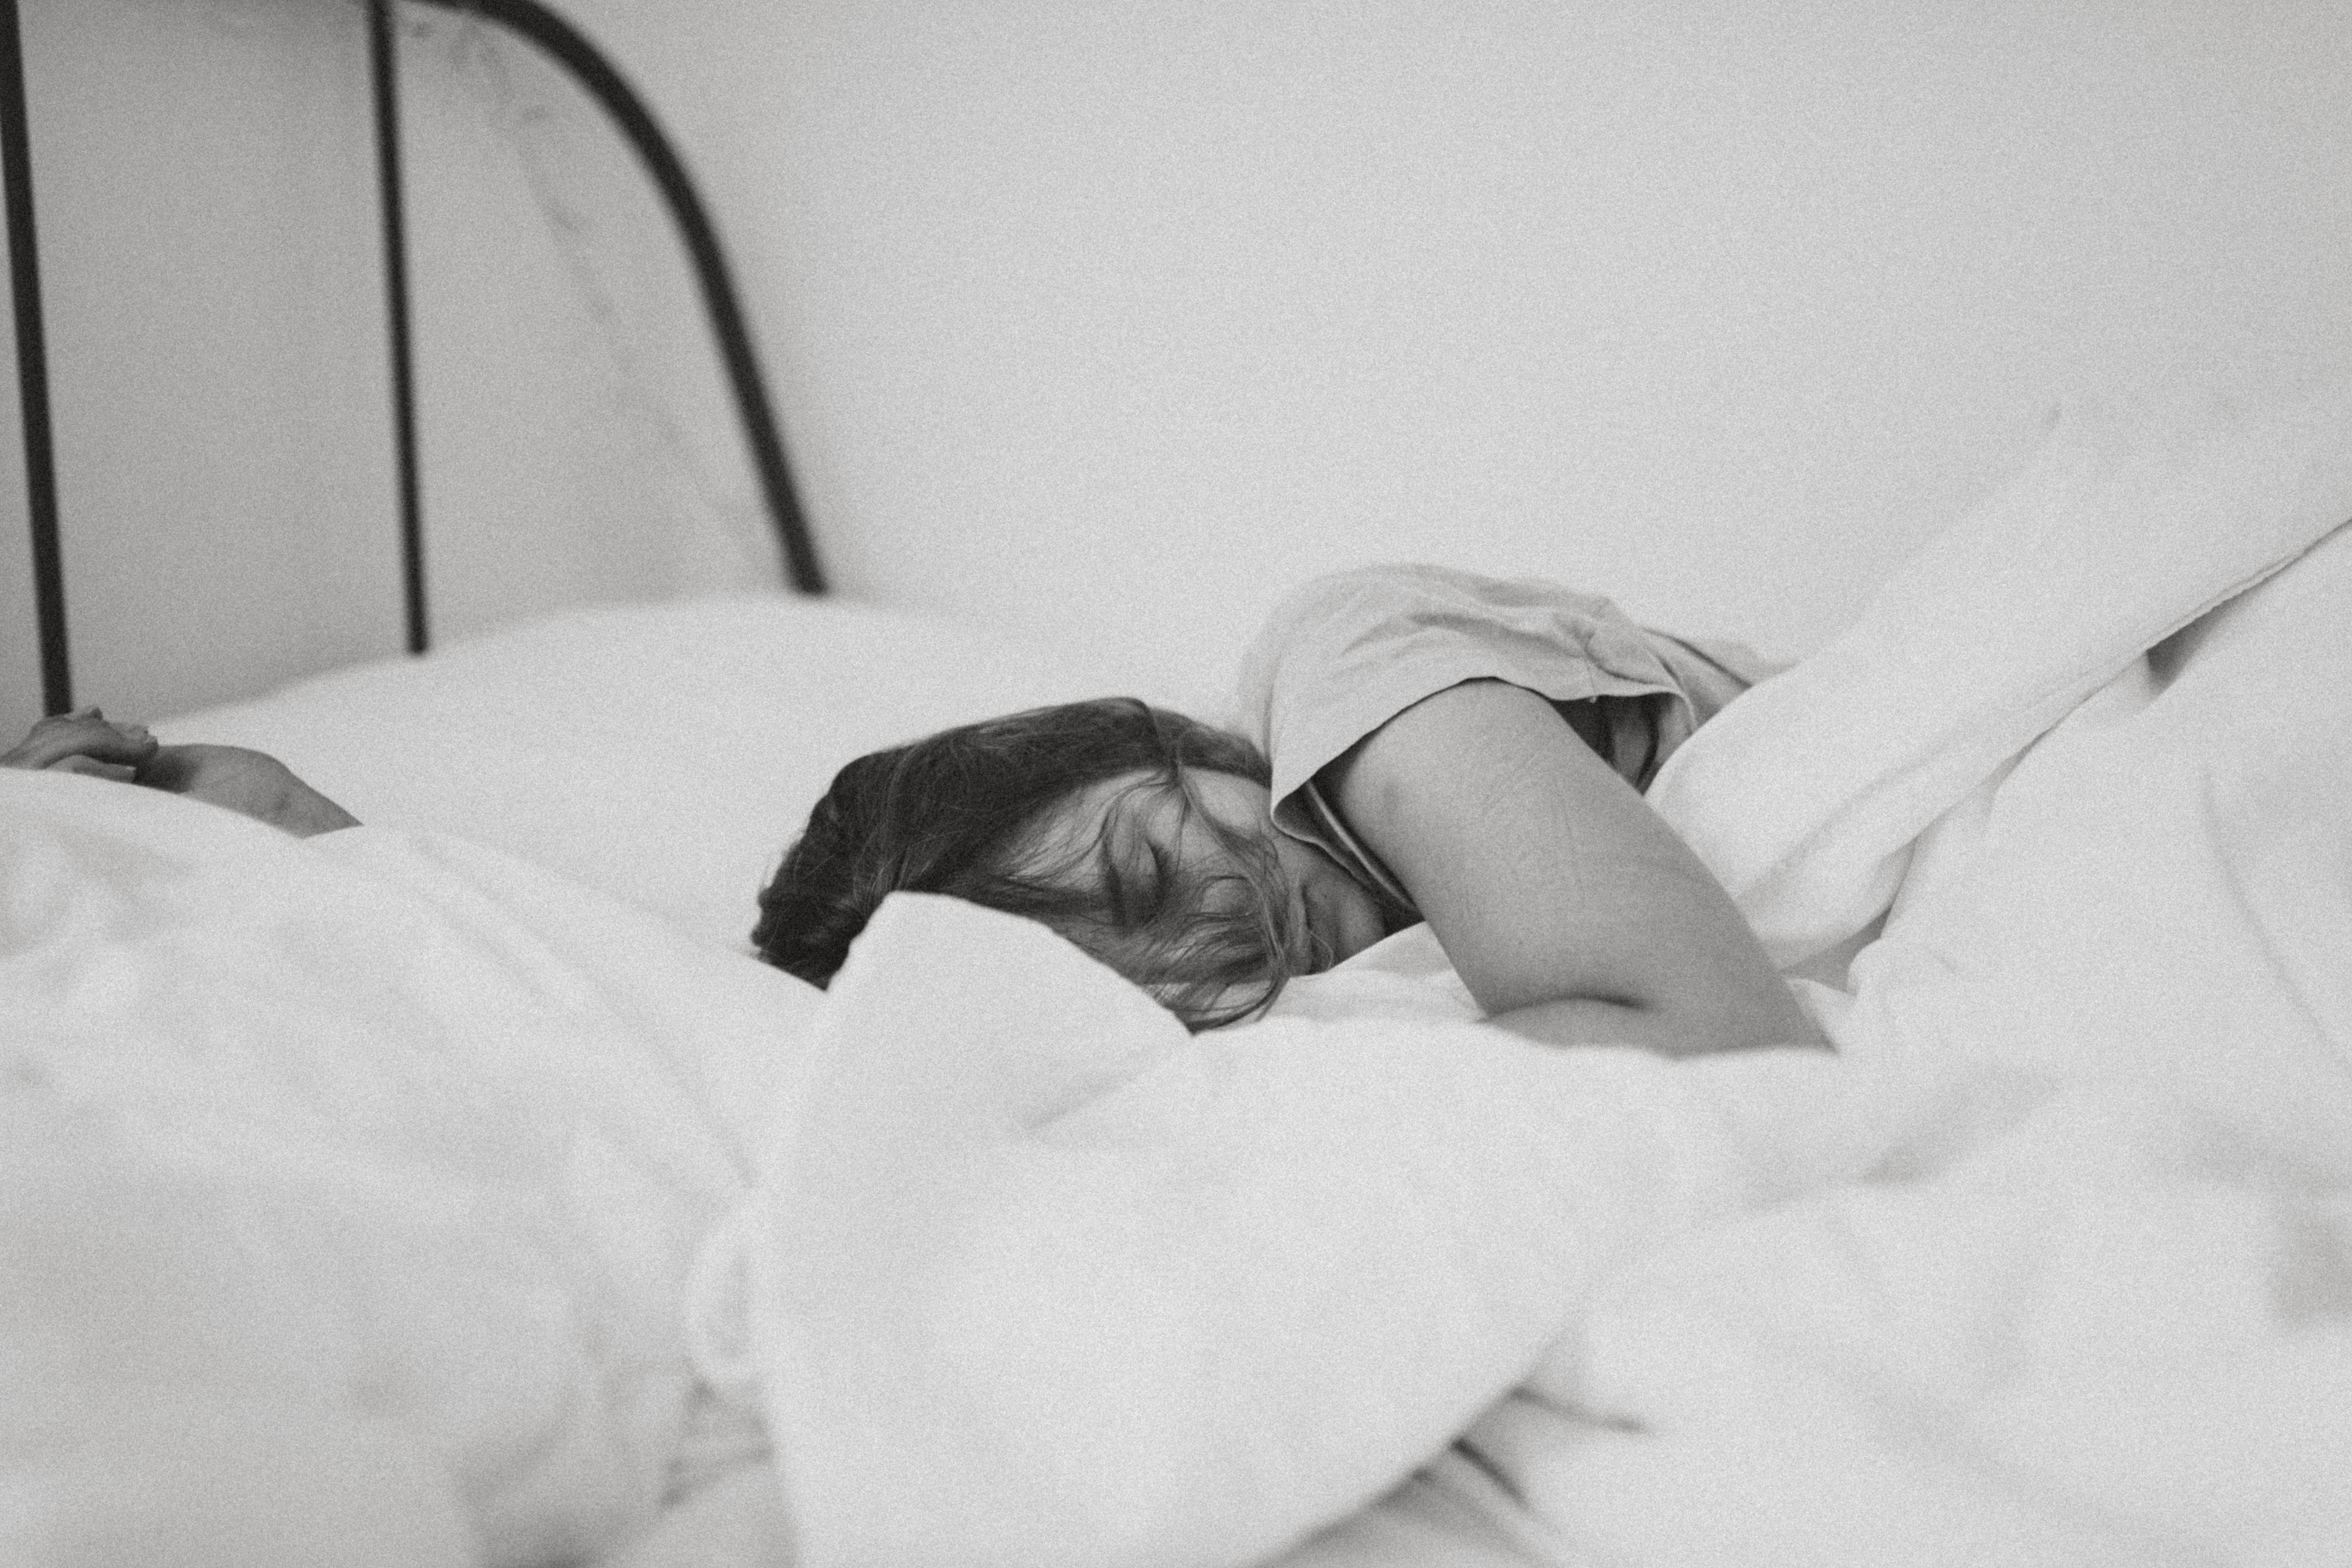 在床上使用3C產品,為何會影響睡眠? | 失落花園